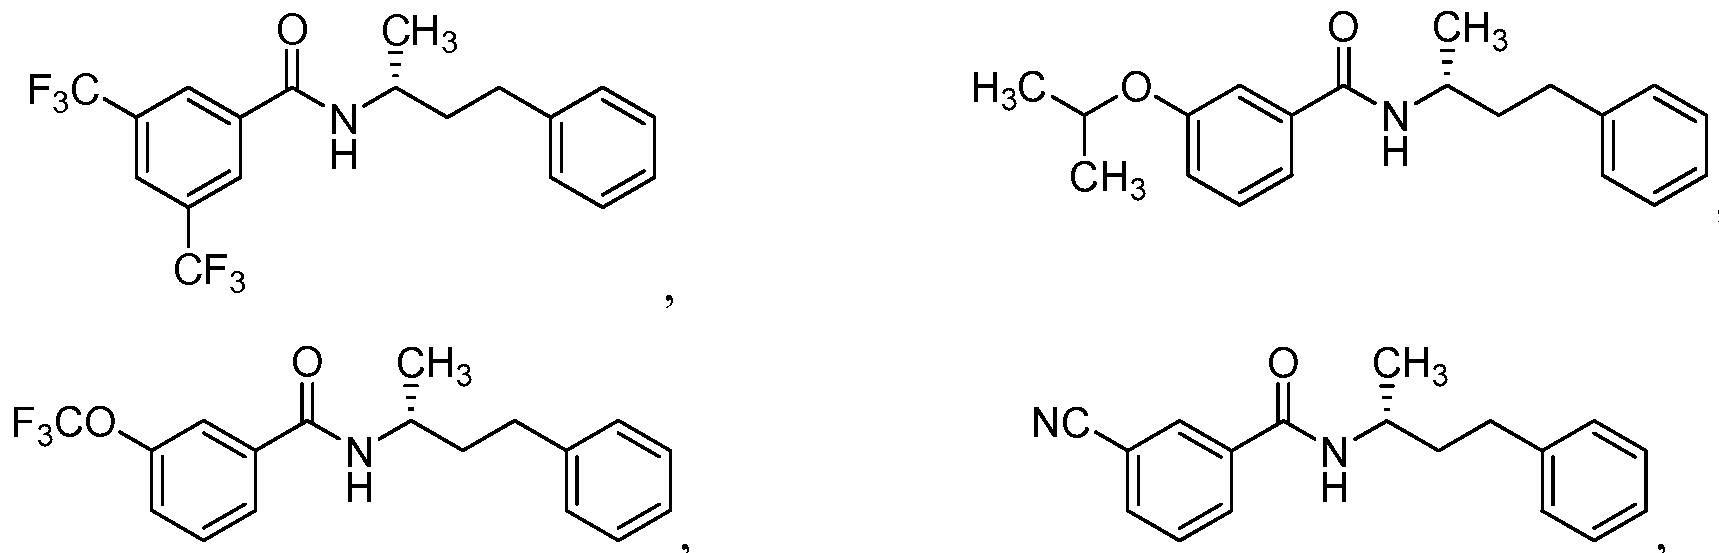 Figure imgf000300_0002